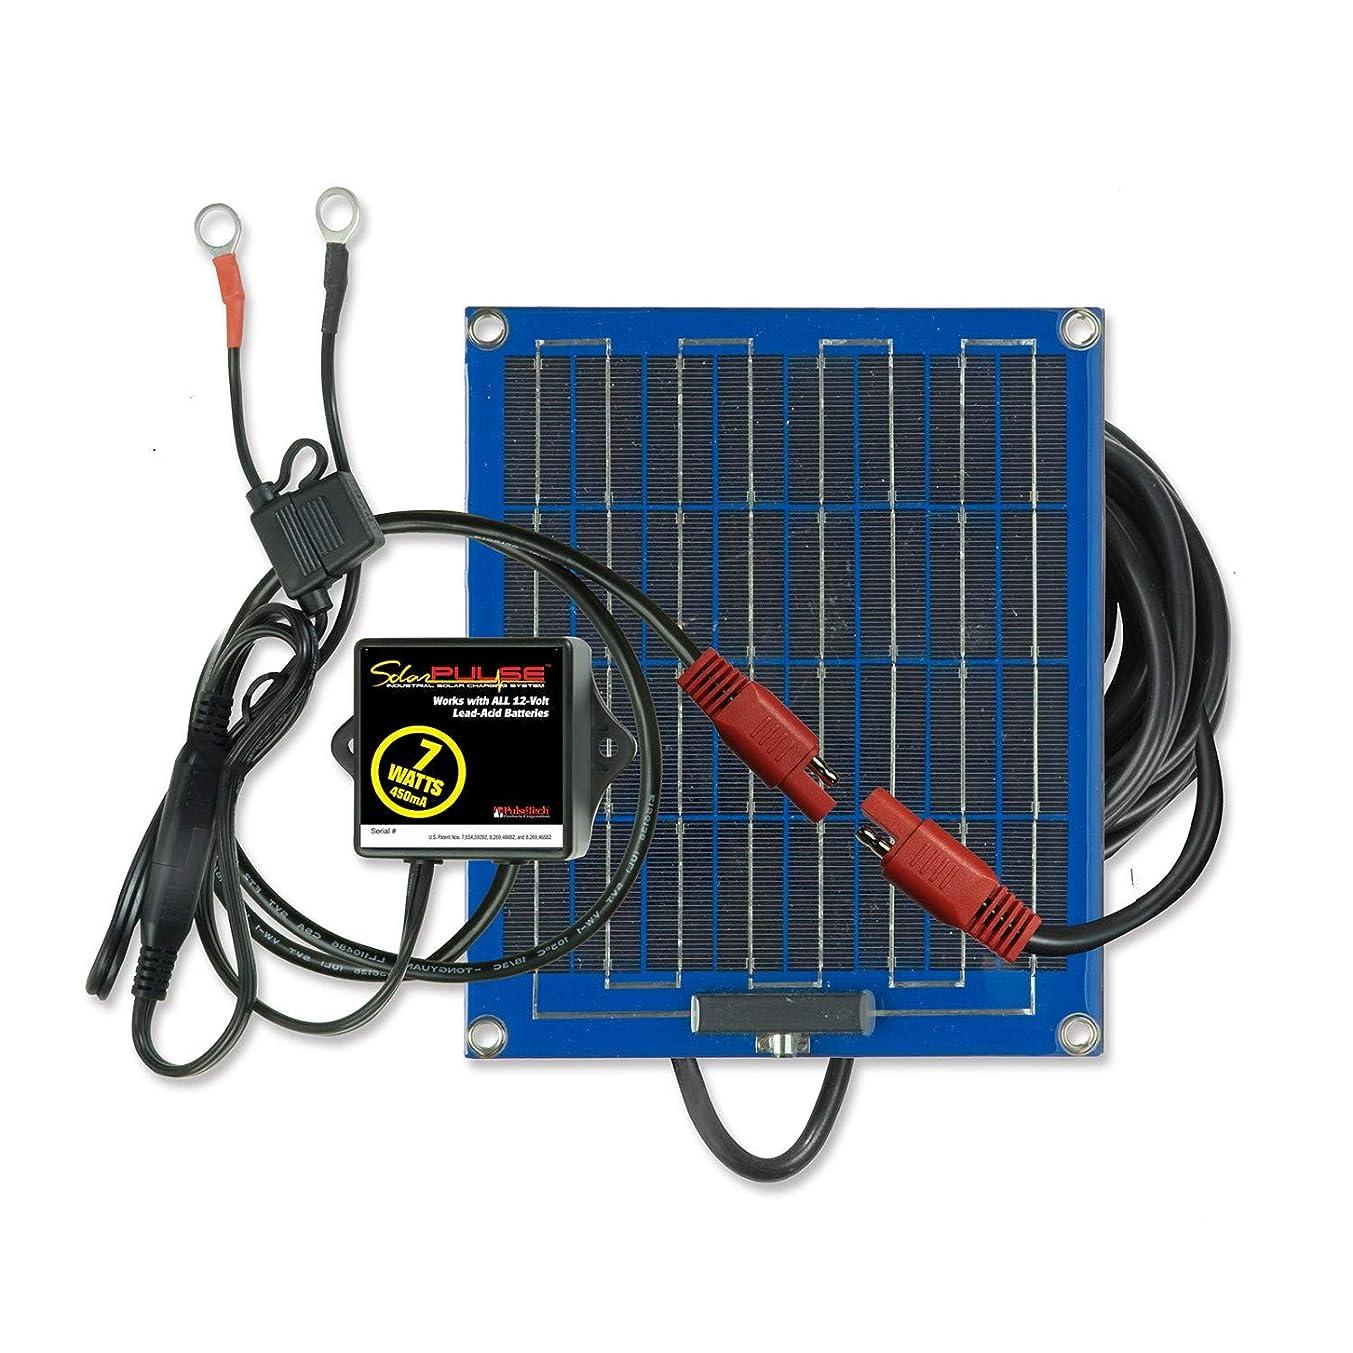 つかむメトリック描写PulseTech ソーラーパルス SP-7 ソーラーバッテリー充電器メンテナンス